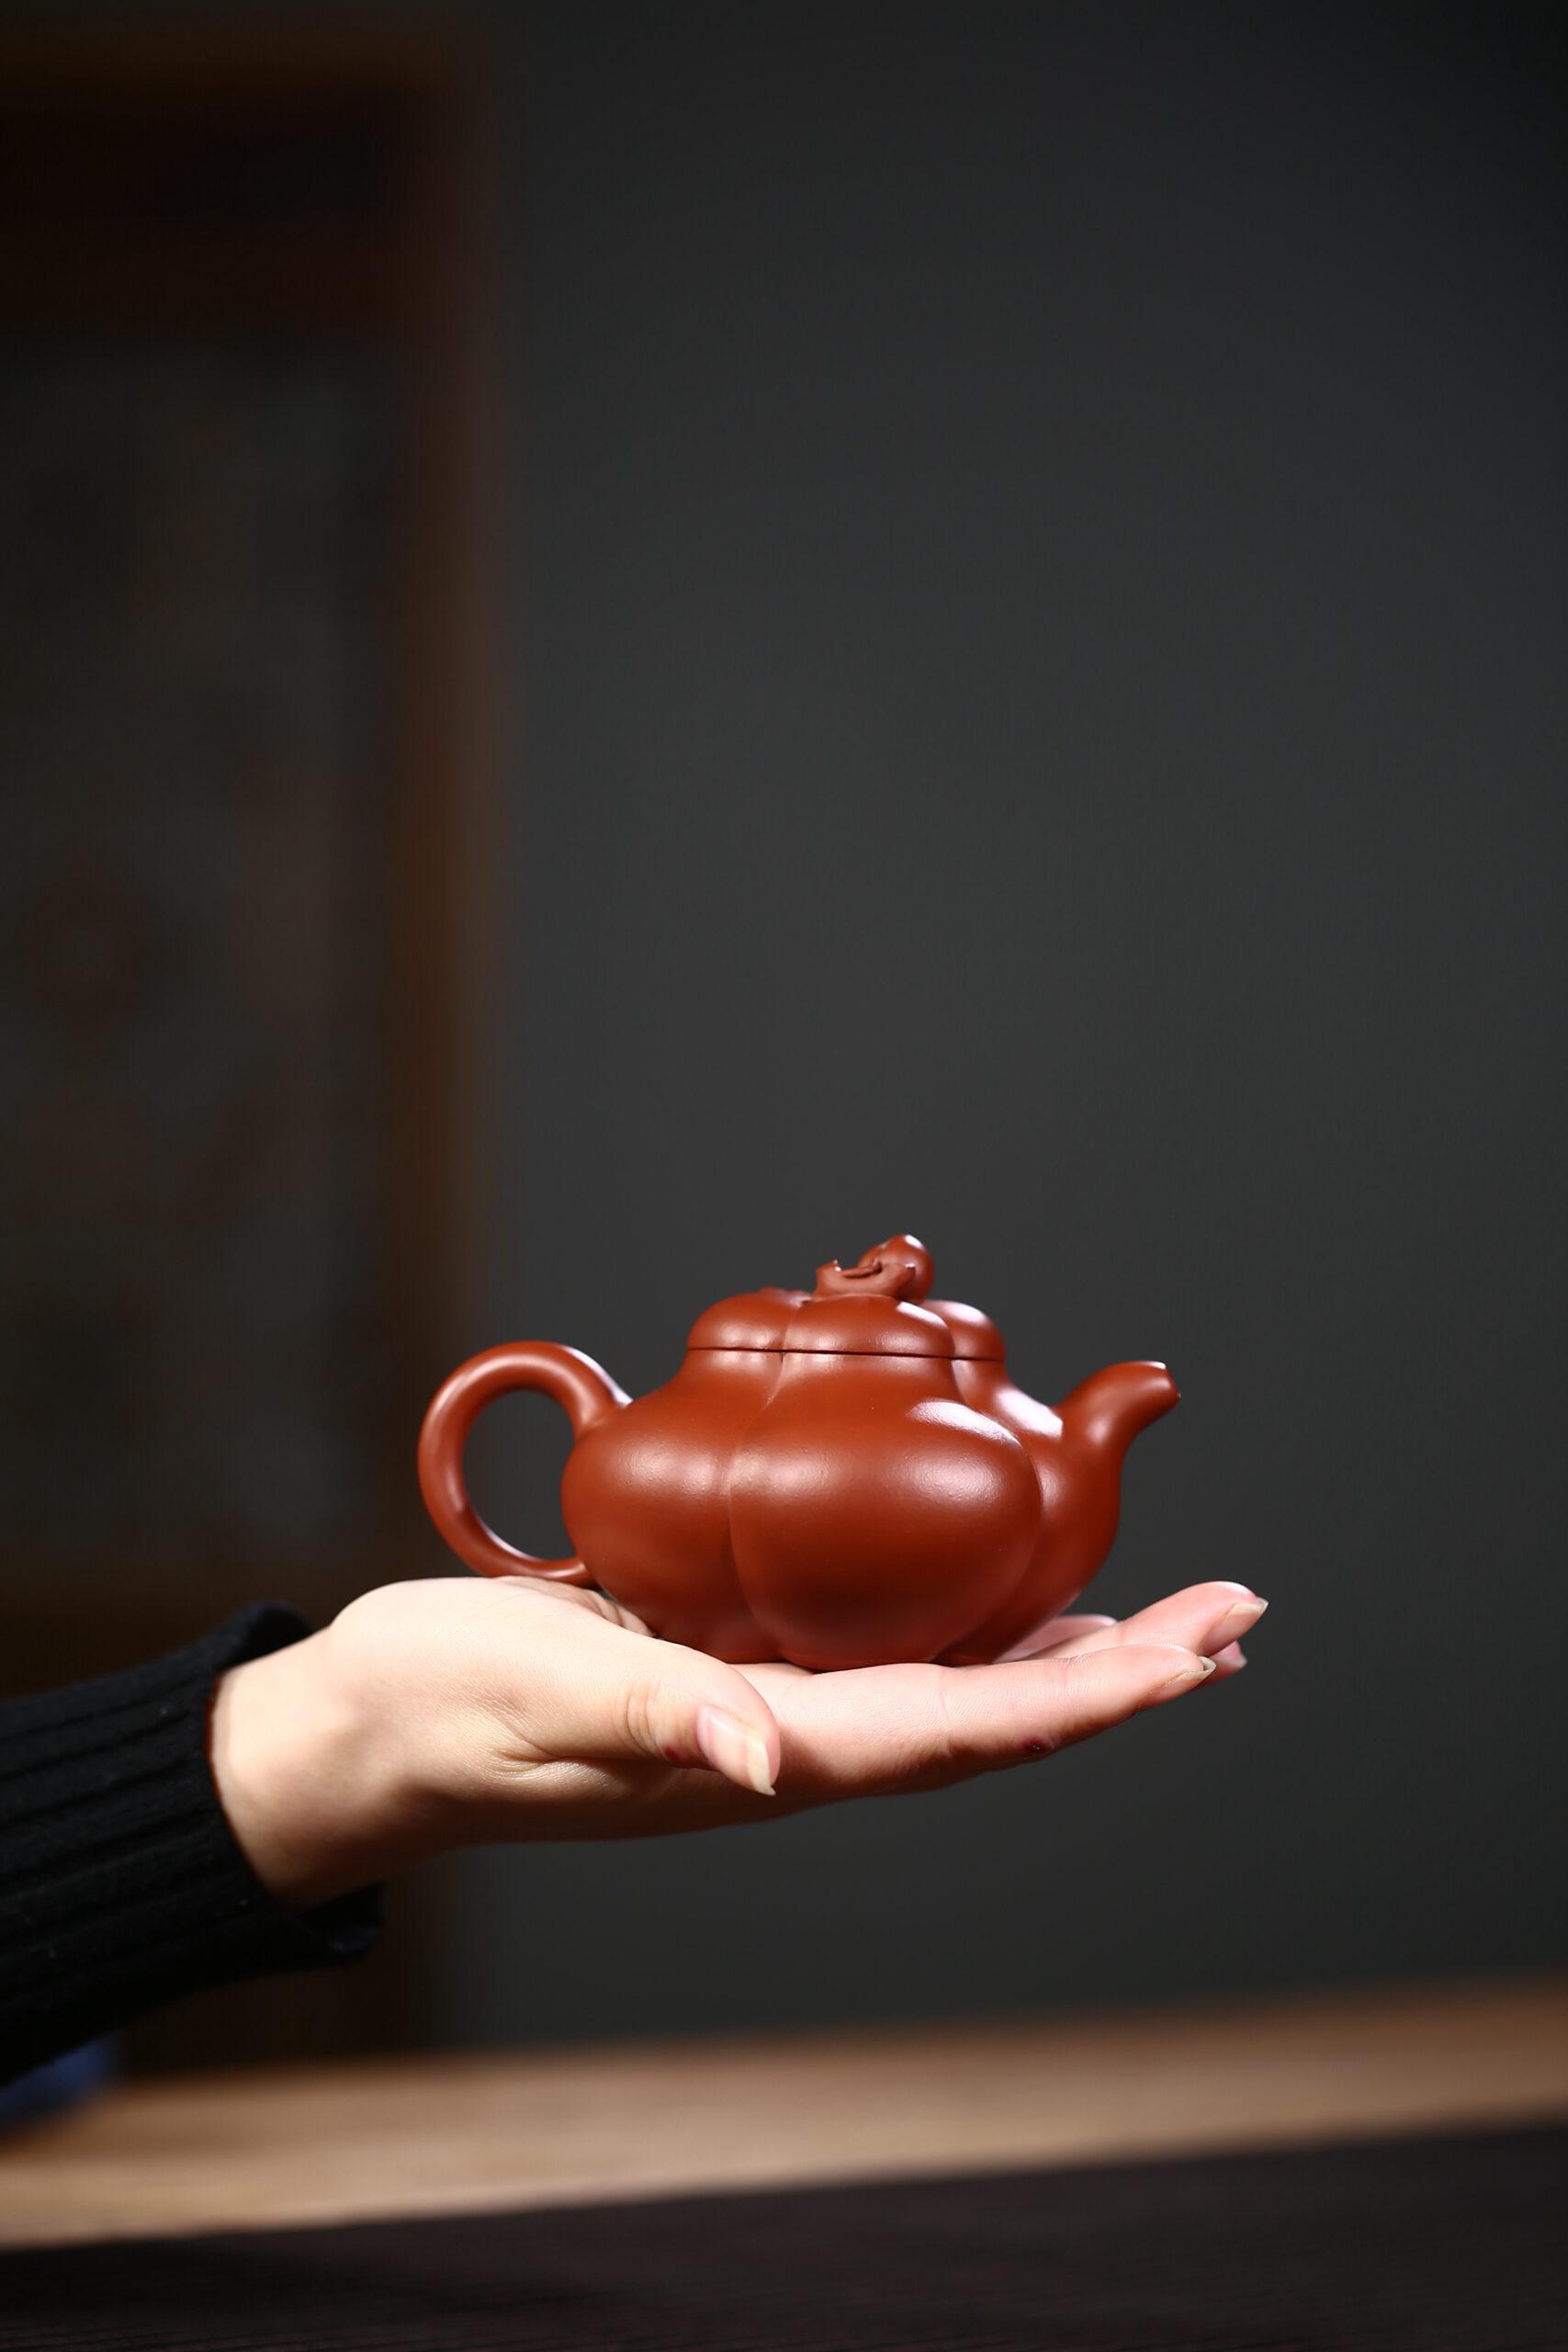 紫砂鉴赏丨徐勤·上合桃壶